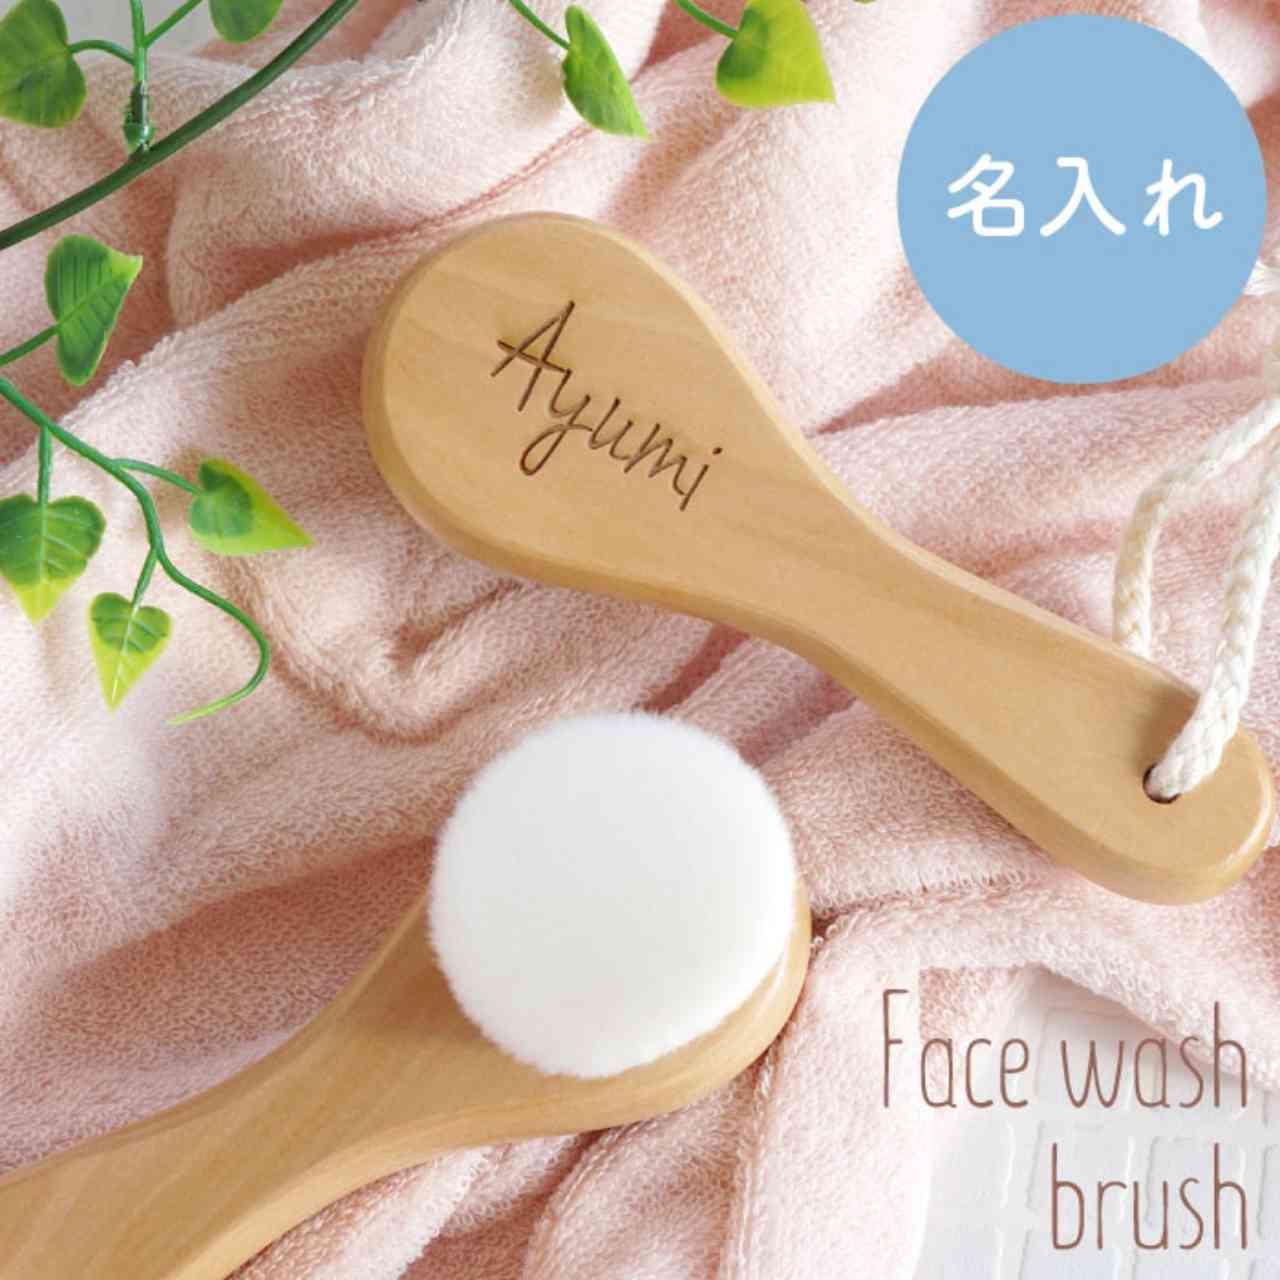 名入れOK 洗顔ブラシ